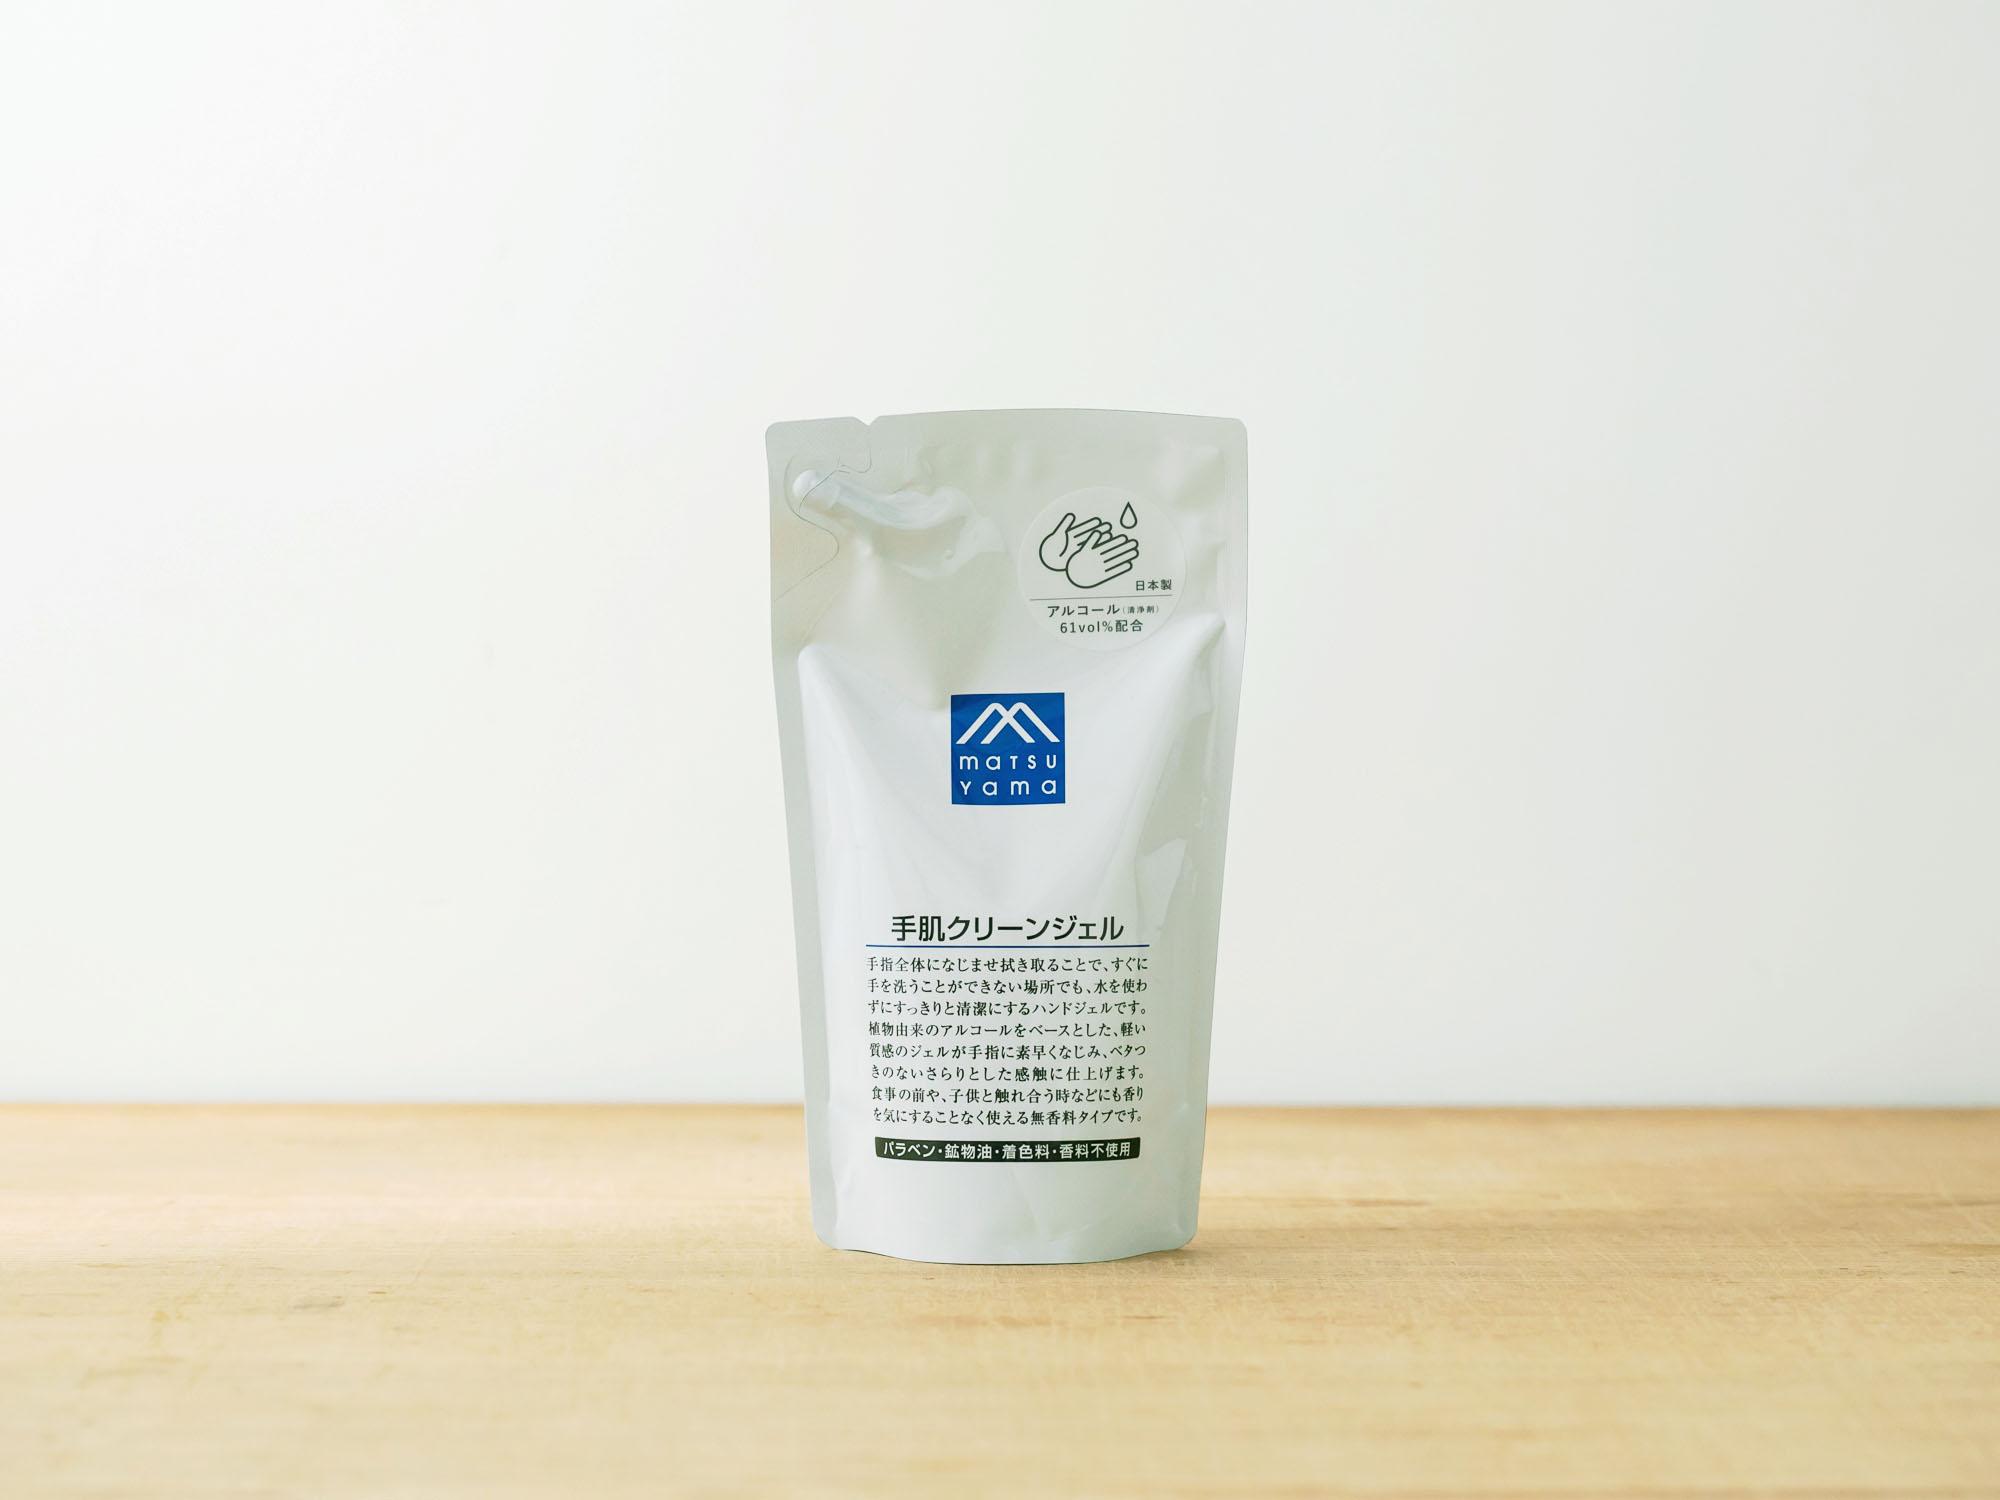 松山油脂 M-mark 手肌クリーンジェル